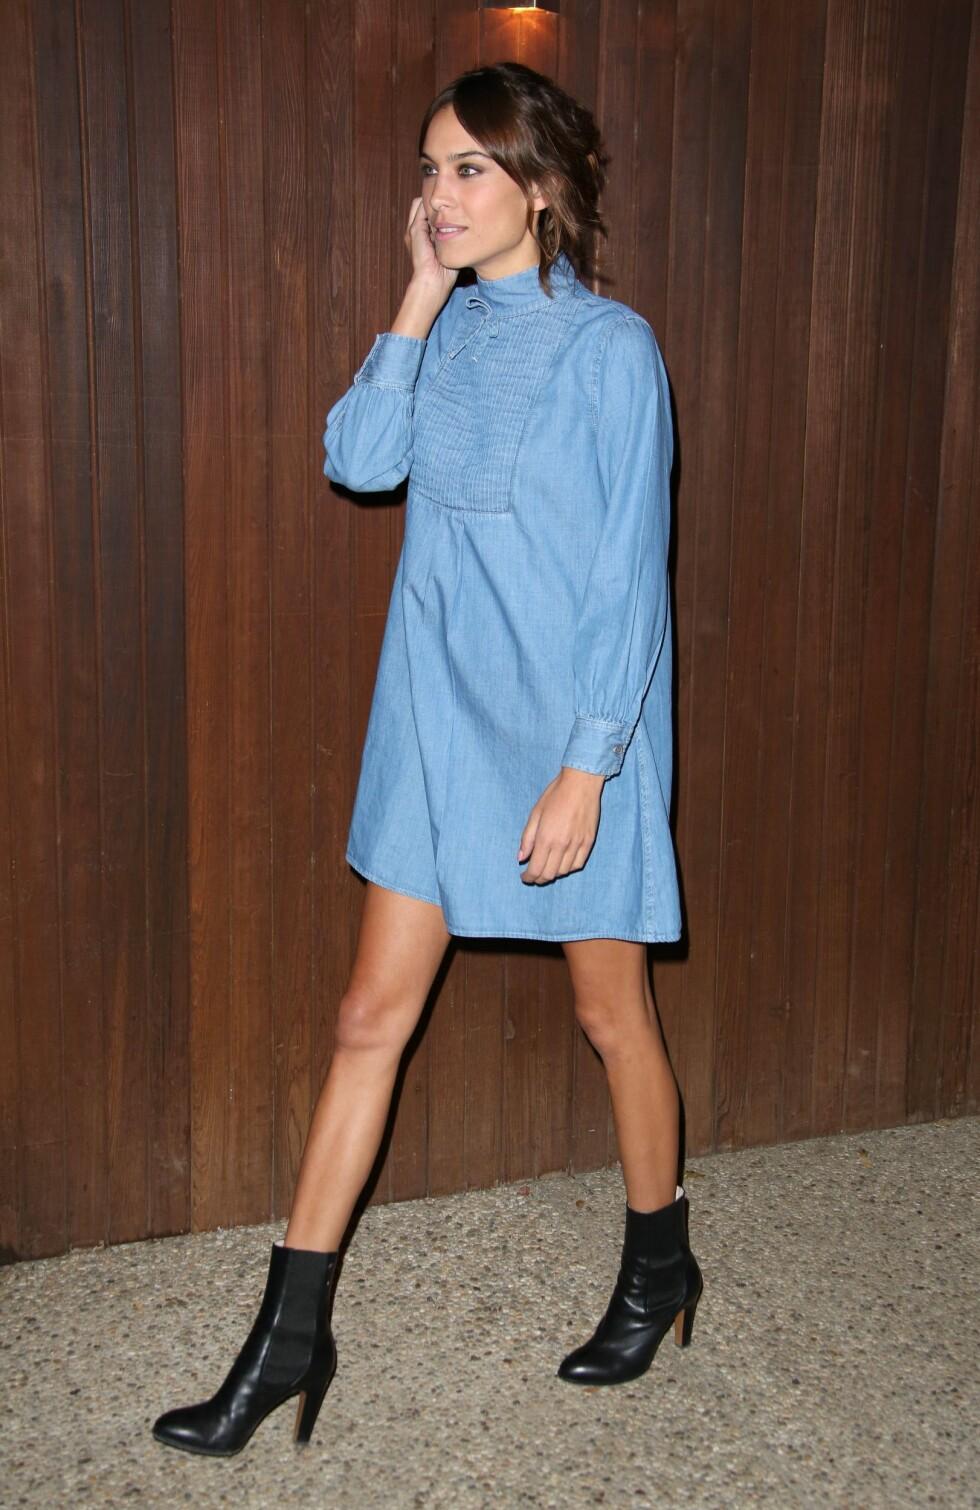 Moteikonet Alexa Chung lanserte AG jeans-samarbeidet sitt iført en western-inspirert denimkjole.  Foto: All Over